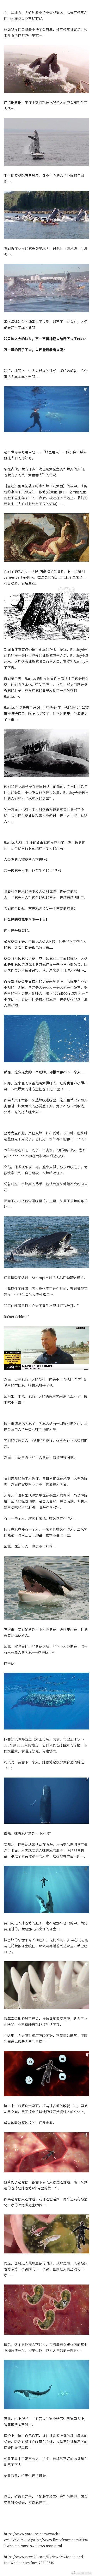 如果人类不小心被鲸鱼吞进肚子,还能活着出来吗?